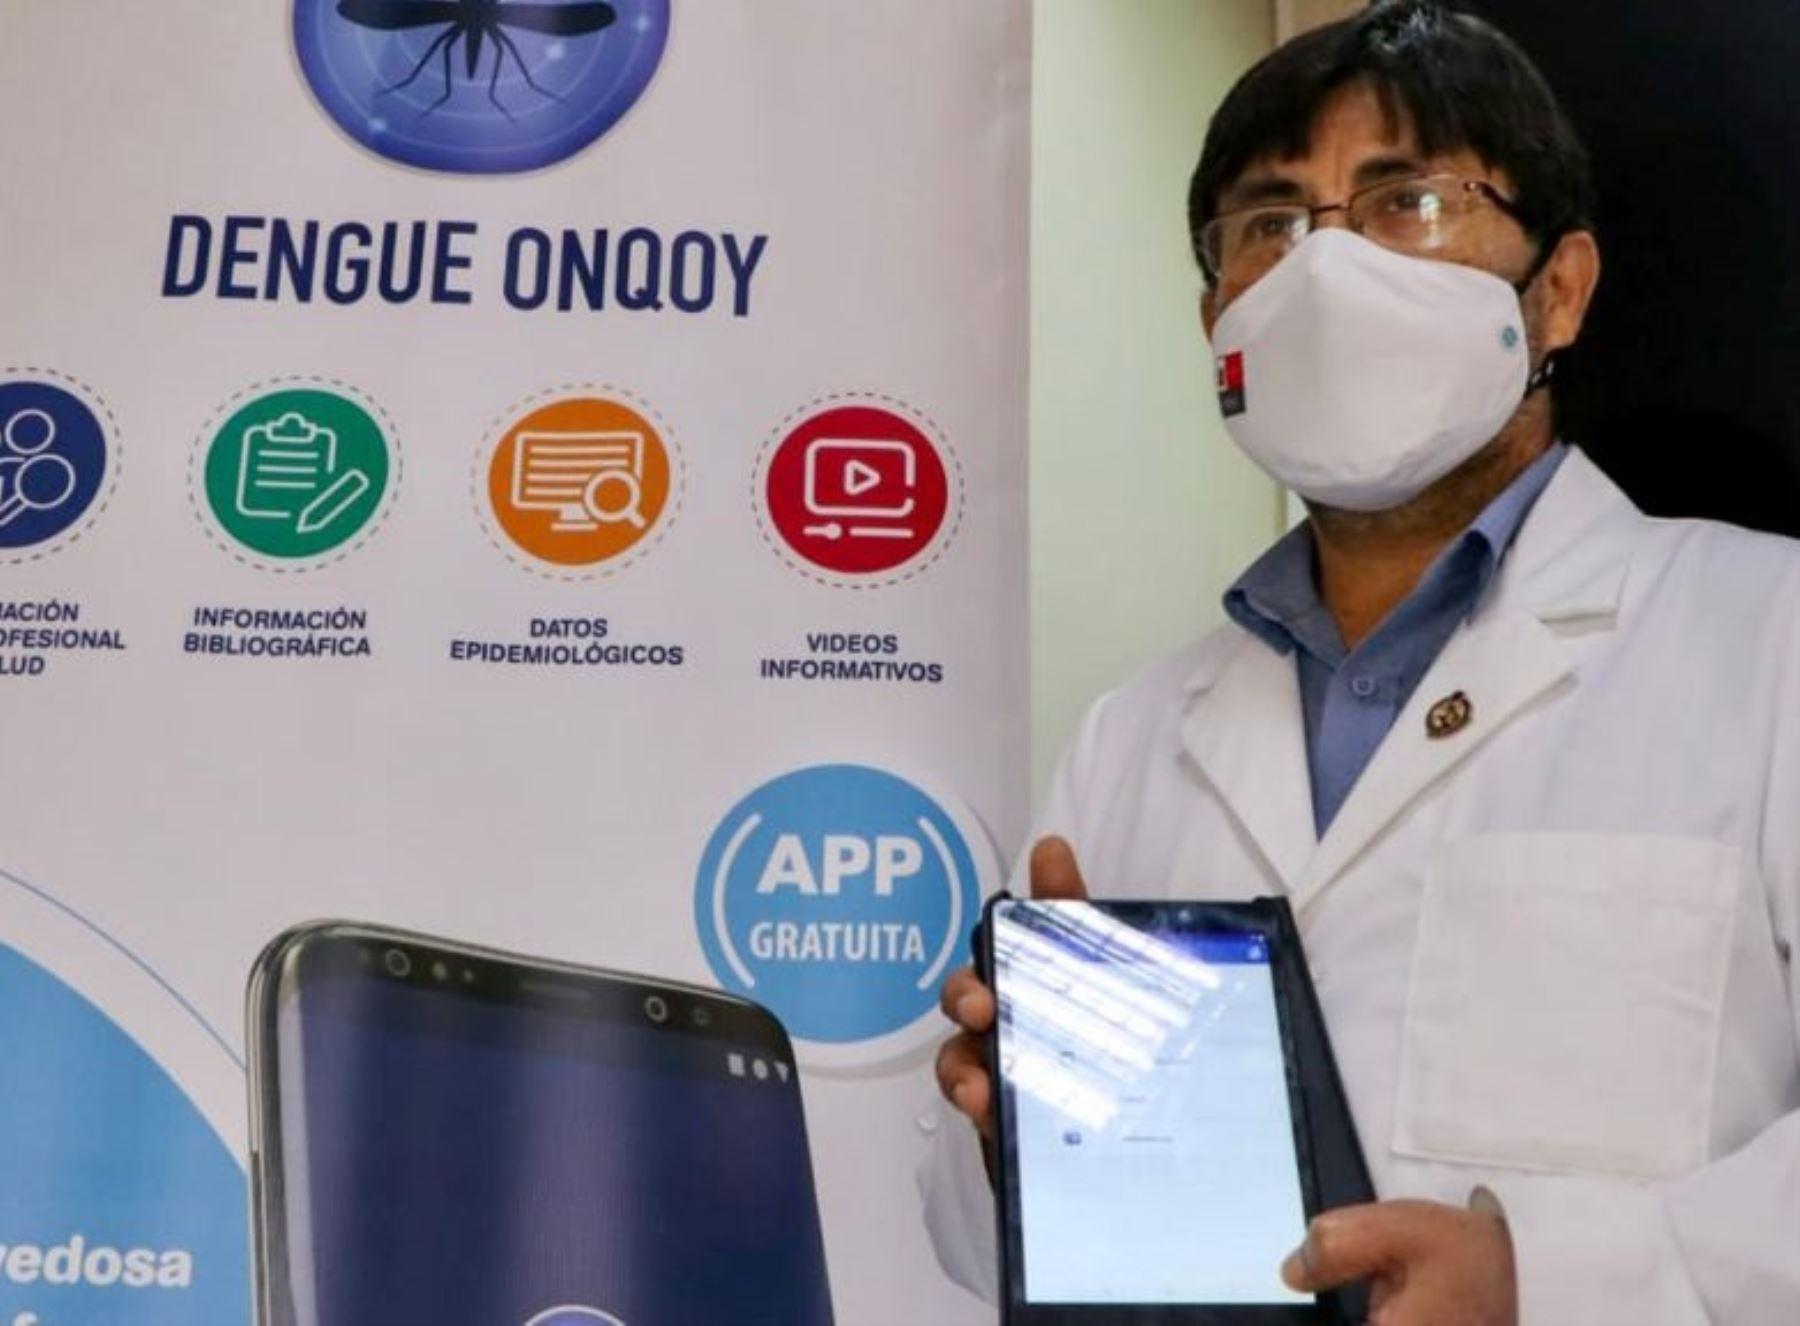 Resaltan aporte de aplicativo Dengue Onqoy en tratamiento contra dicha enfermedad. ANDINA/Difusión